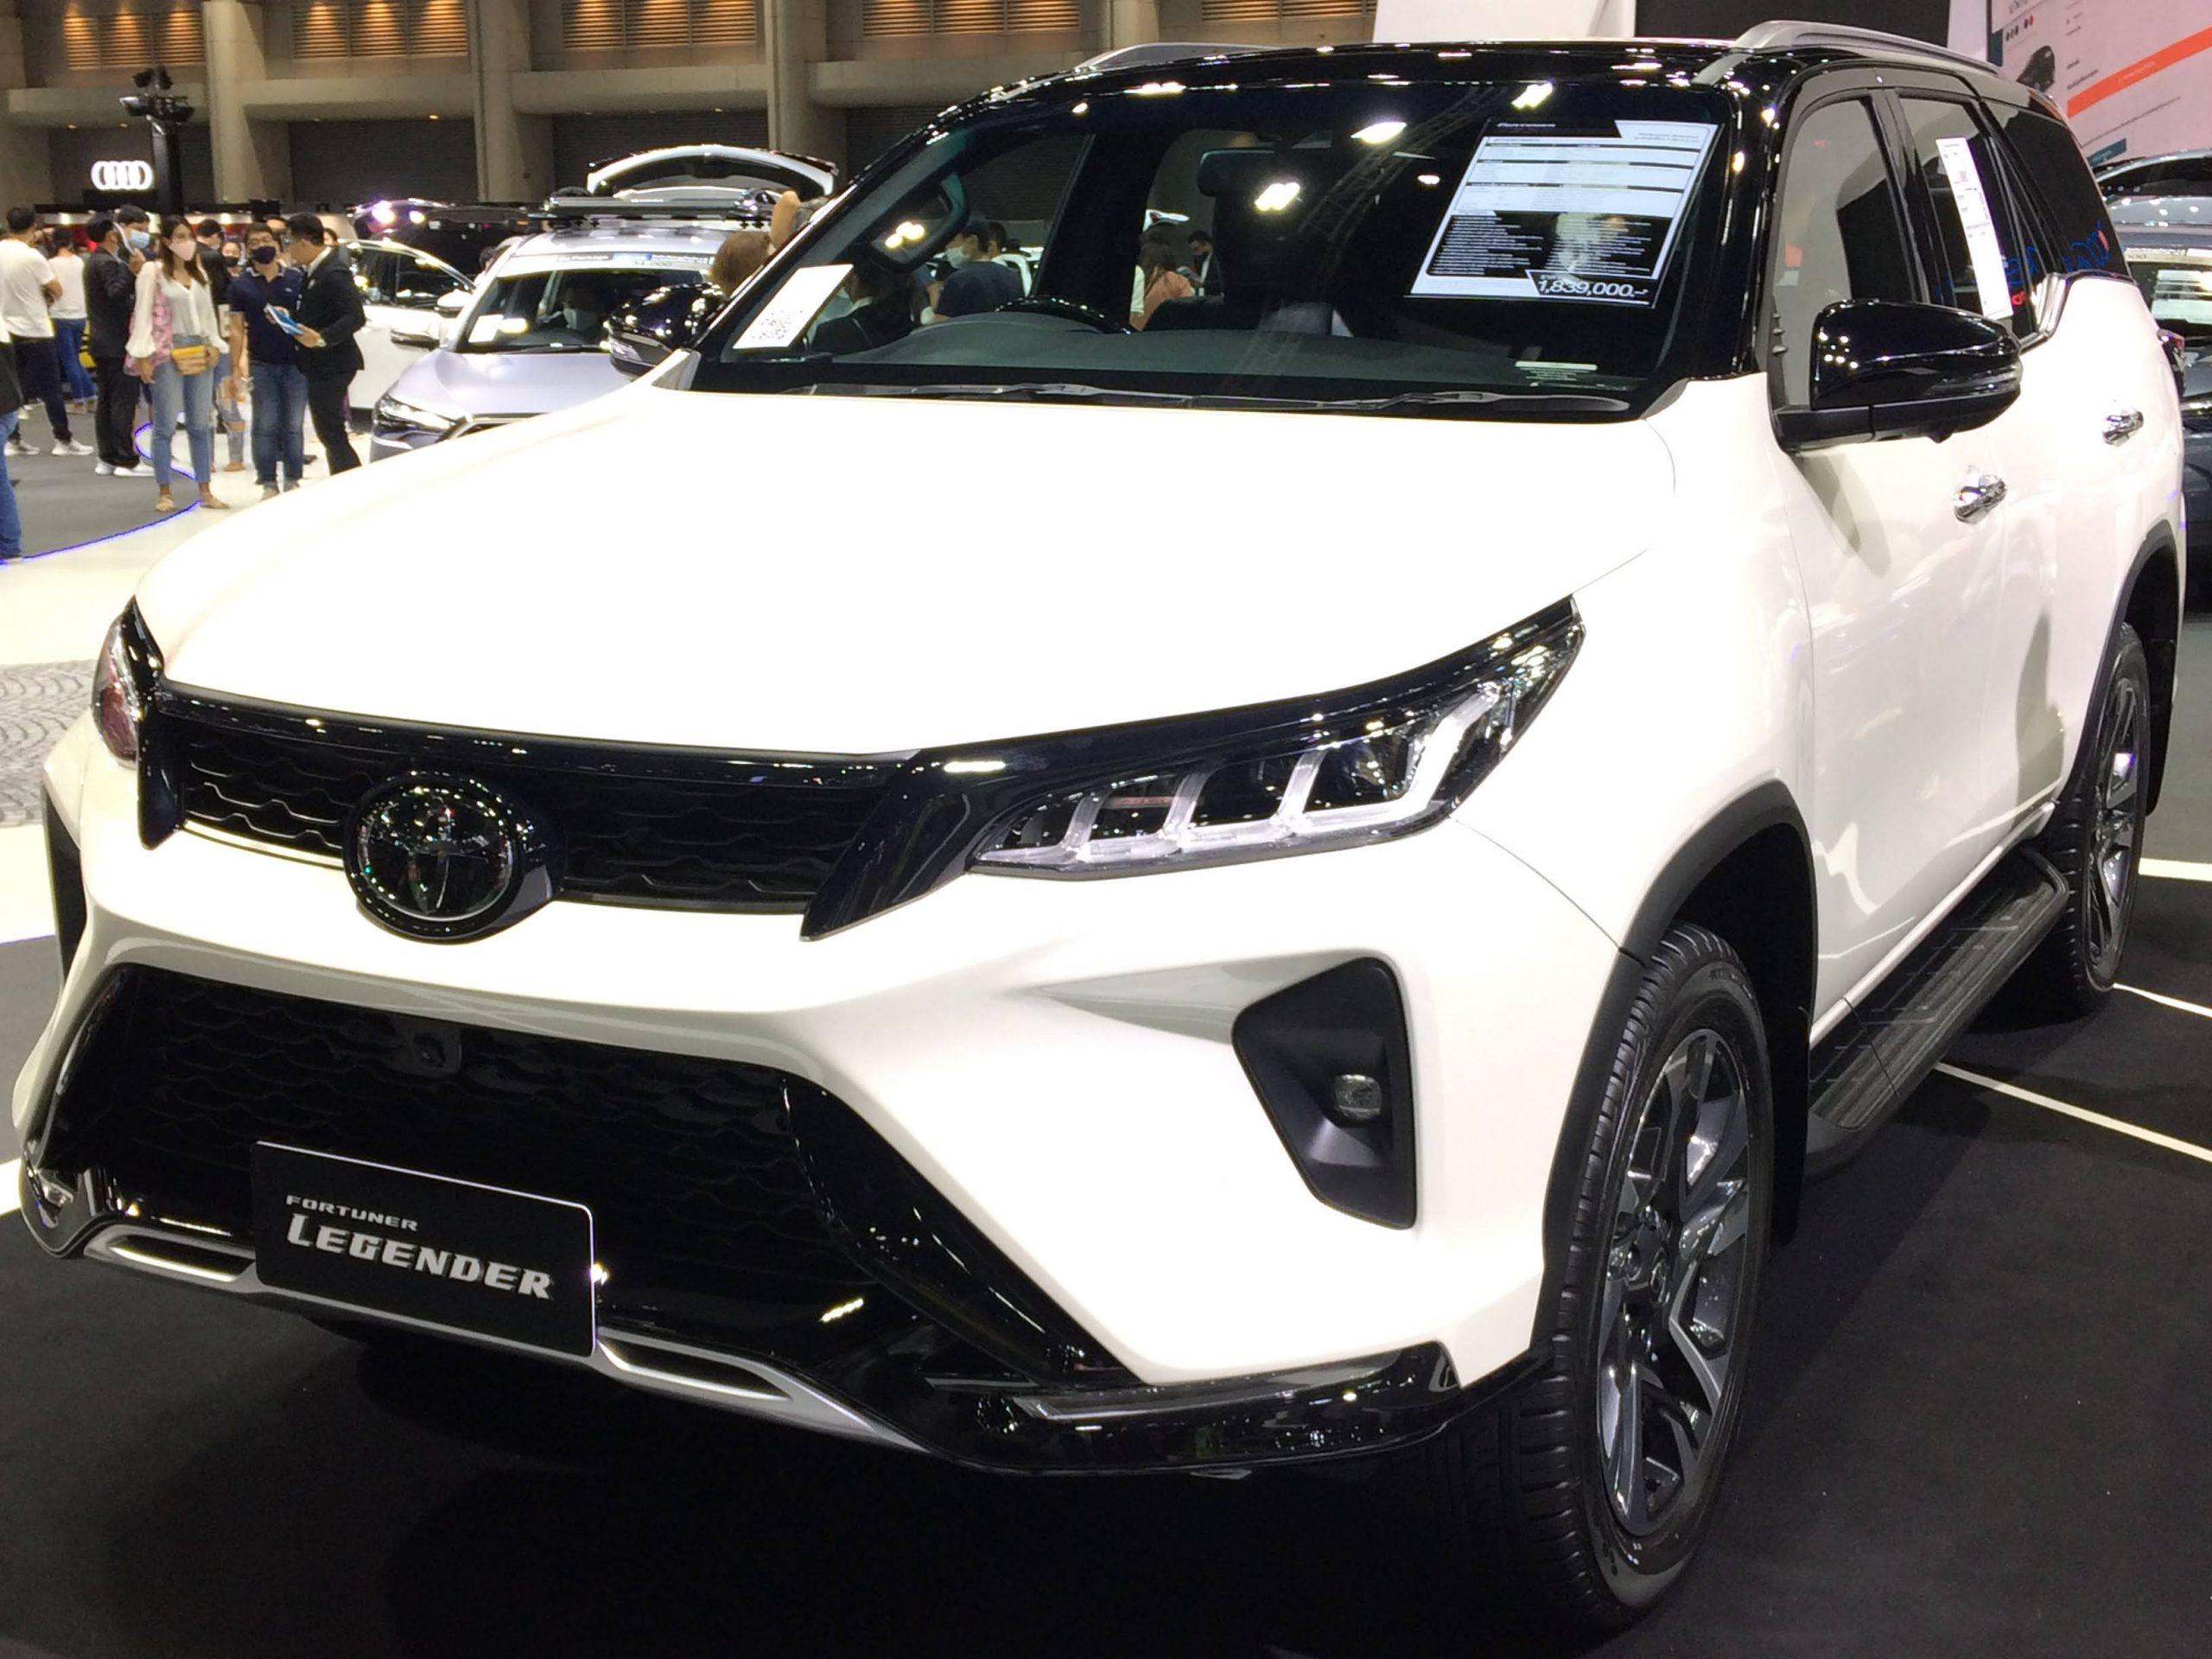 Toyota Fortuner Legender Jadi Konsideran TAM Masuk Ke Indonesia